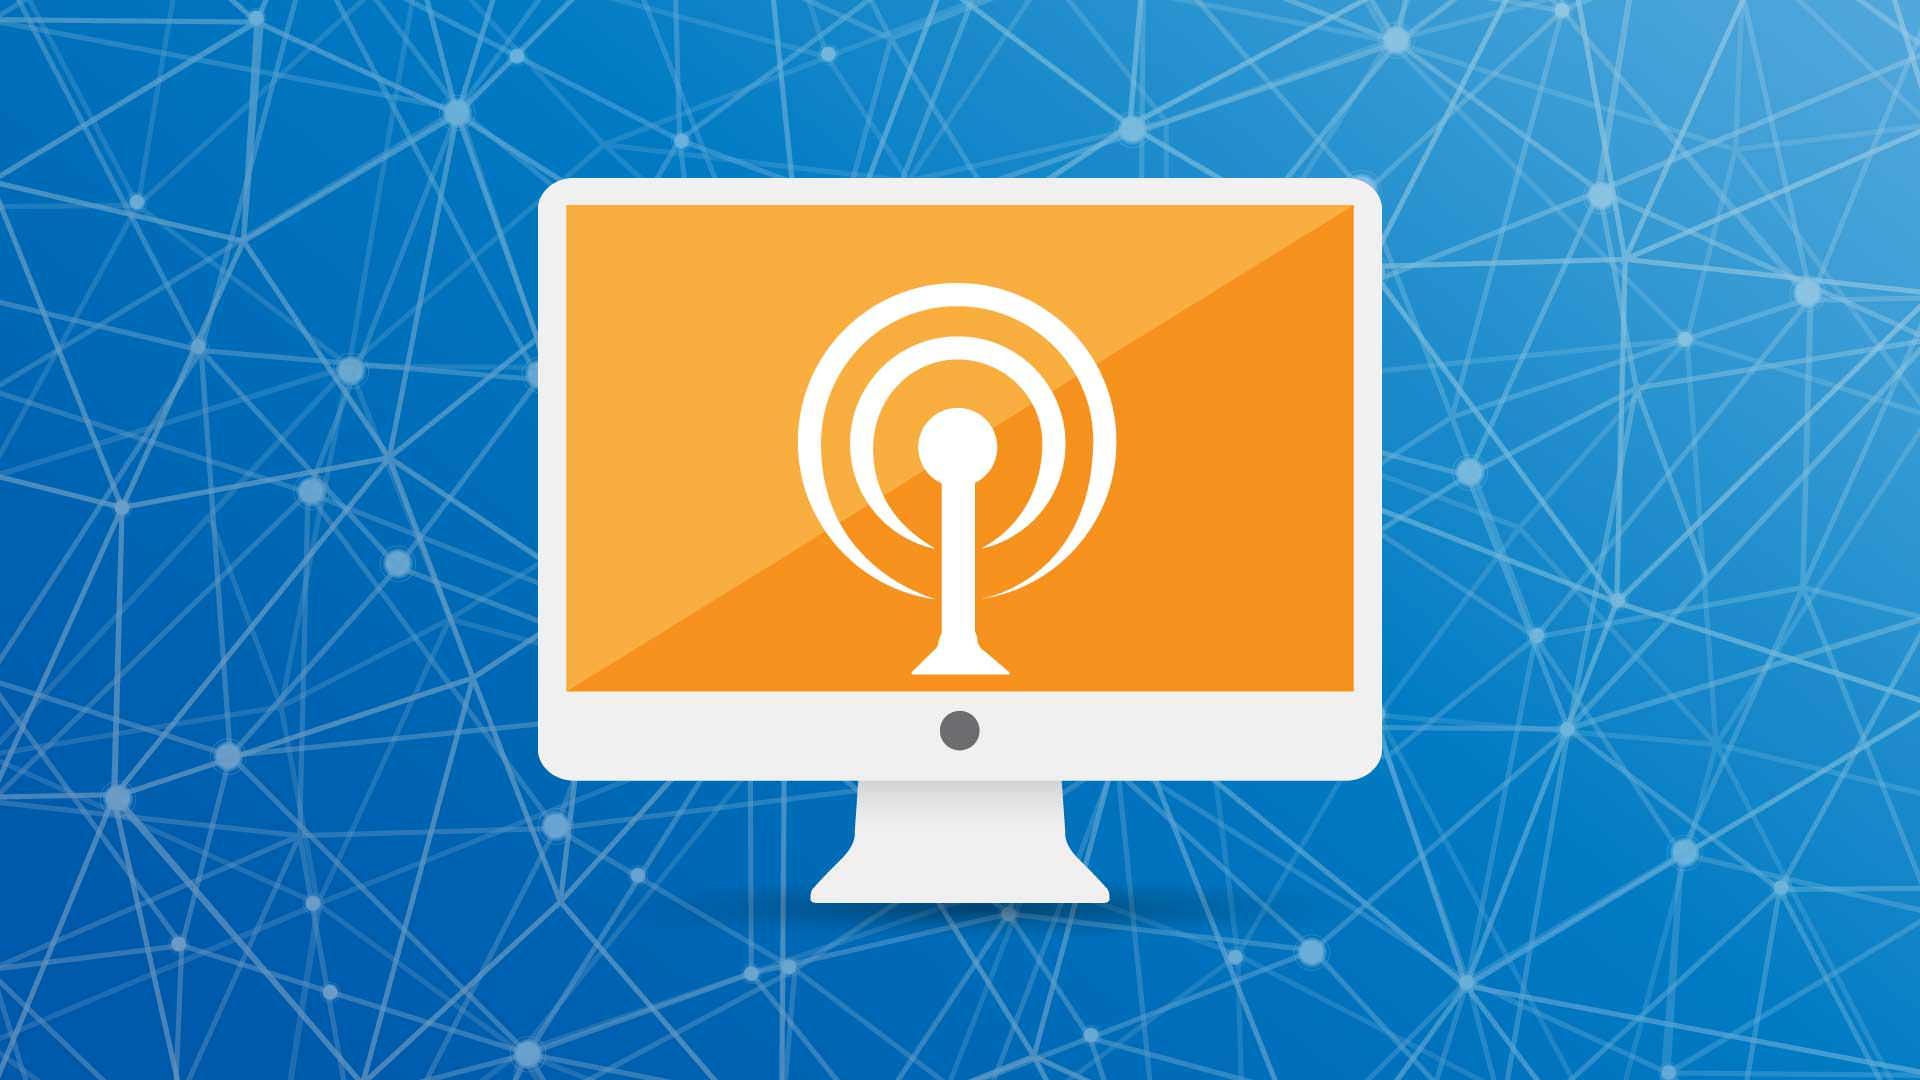 La oportunidad móvil para empresas locales y en múltiples ubicaciones - Webcast del 11 de agosto